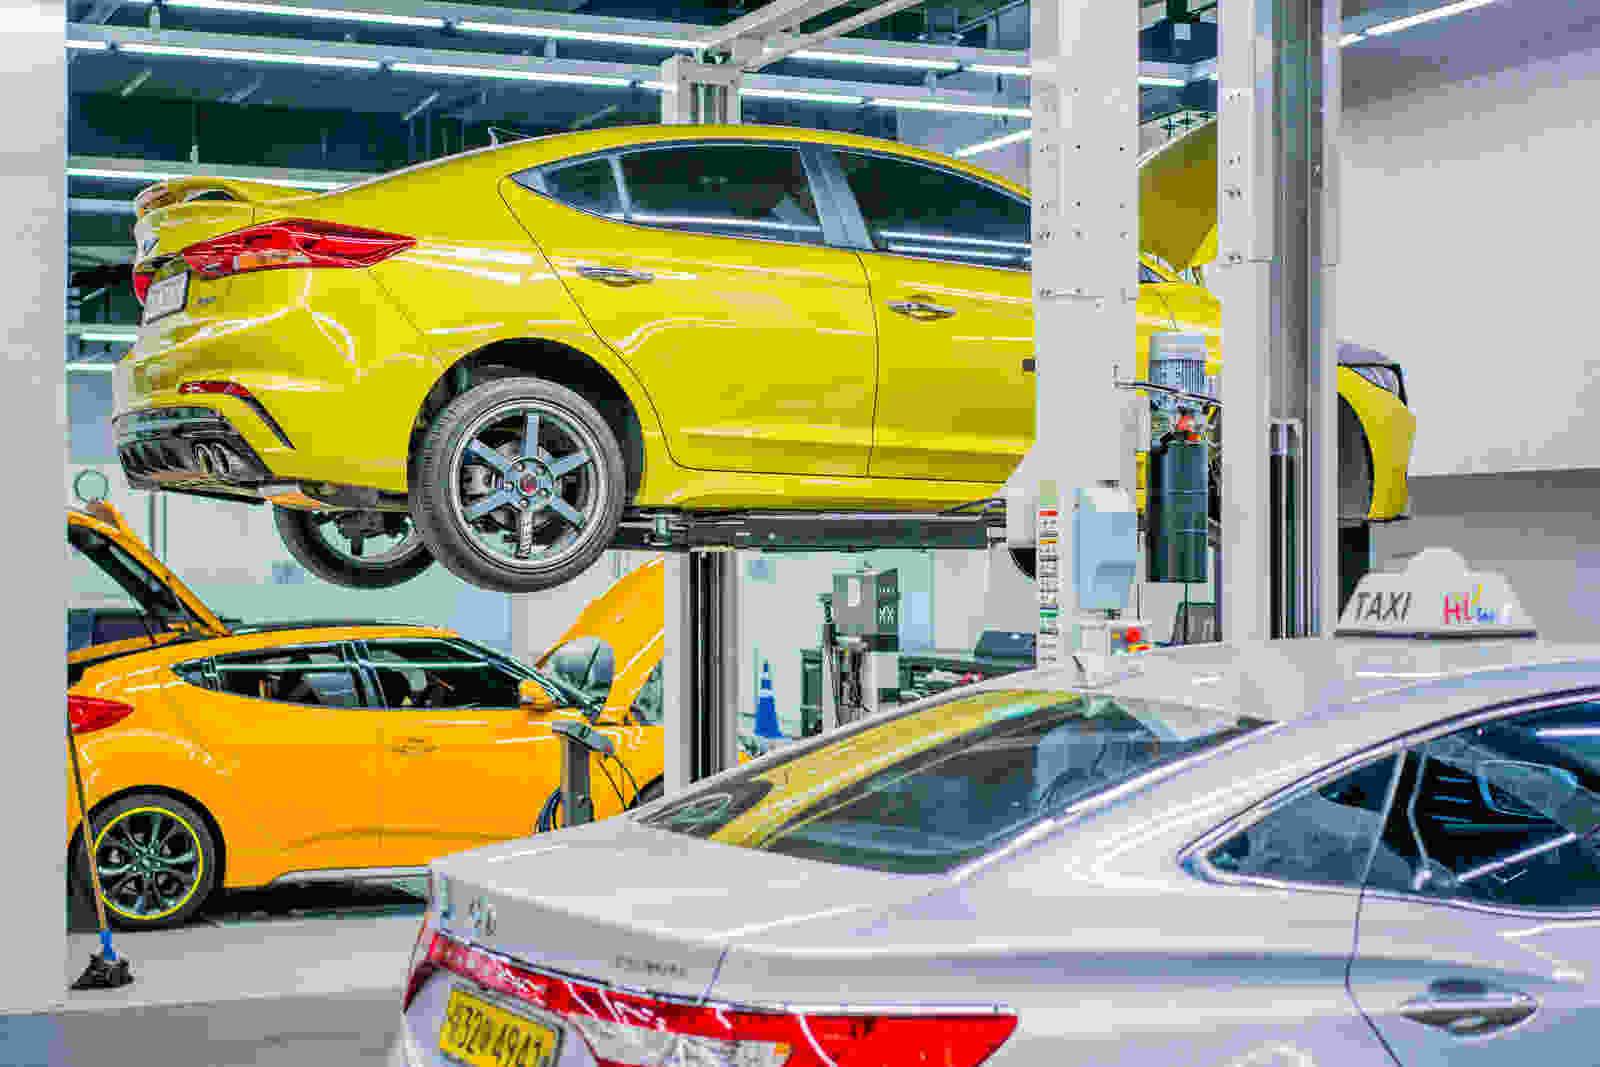 257 Hyundai Motorstudio Goyang Raphael Olivier 6357 exhibition